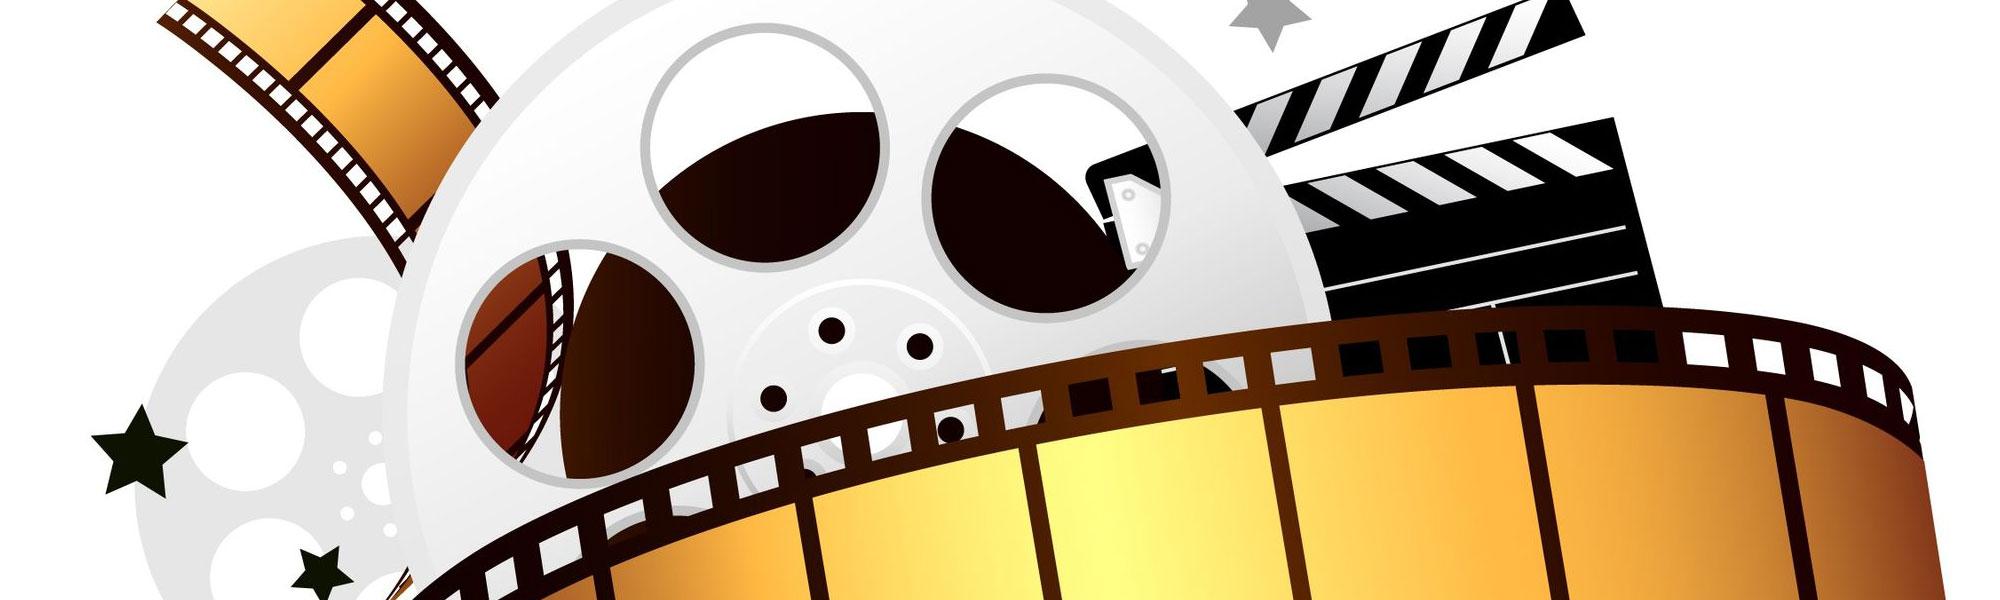 Guys' Movies